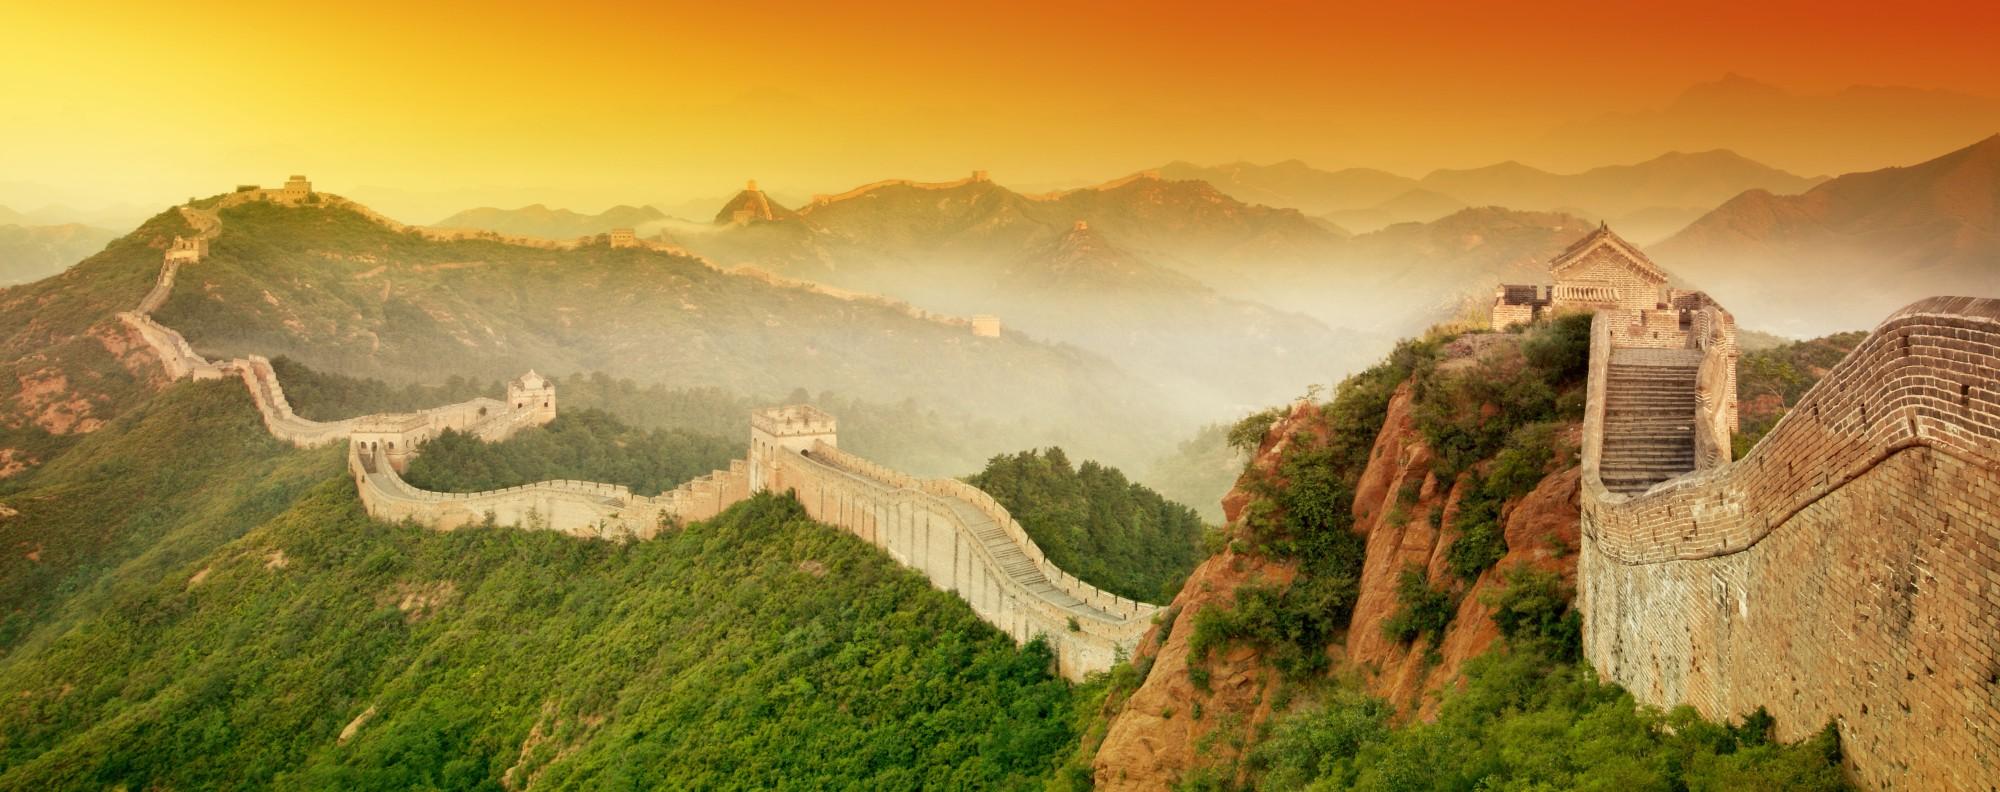 Berkunjung ke Negri China